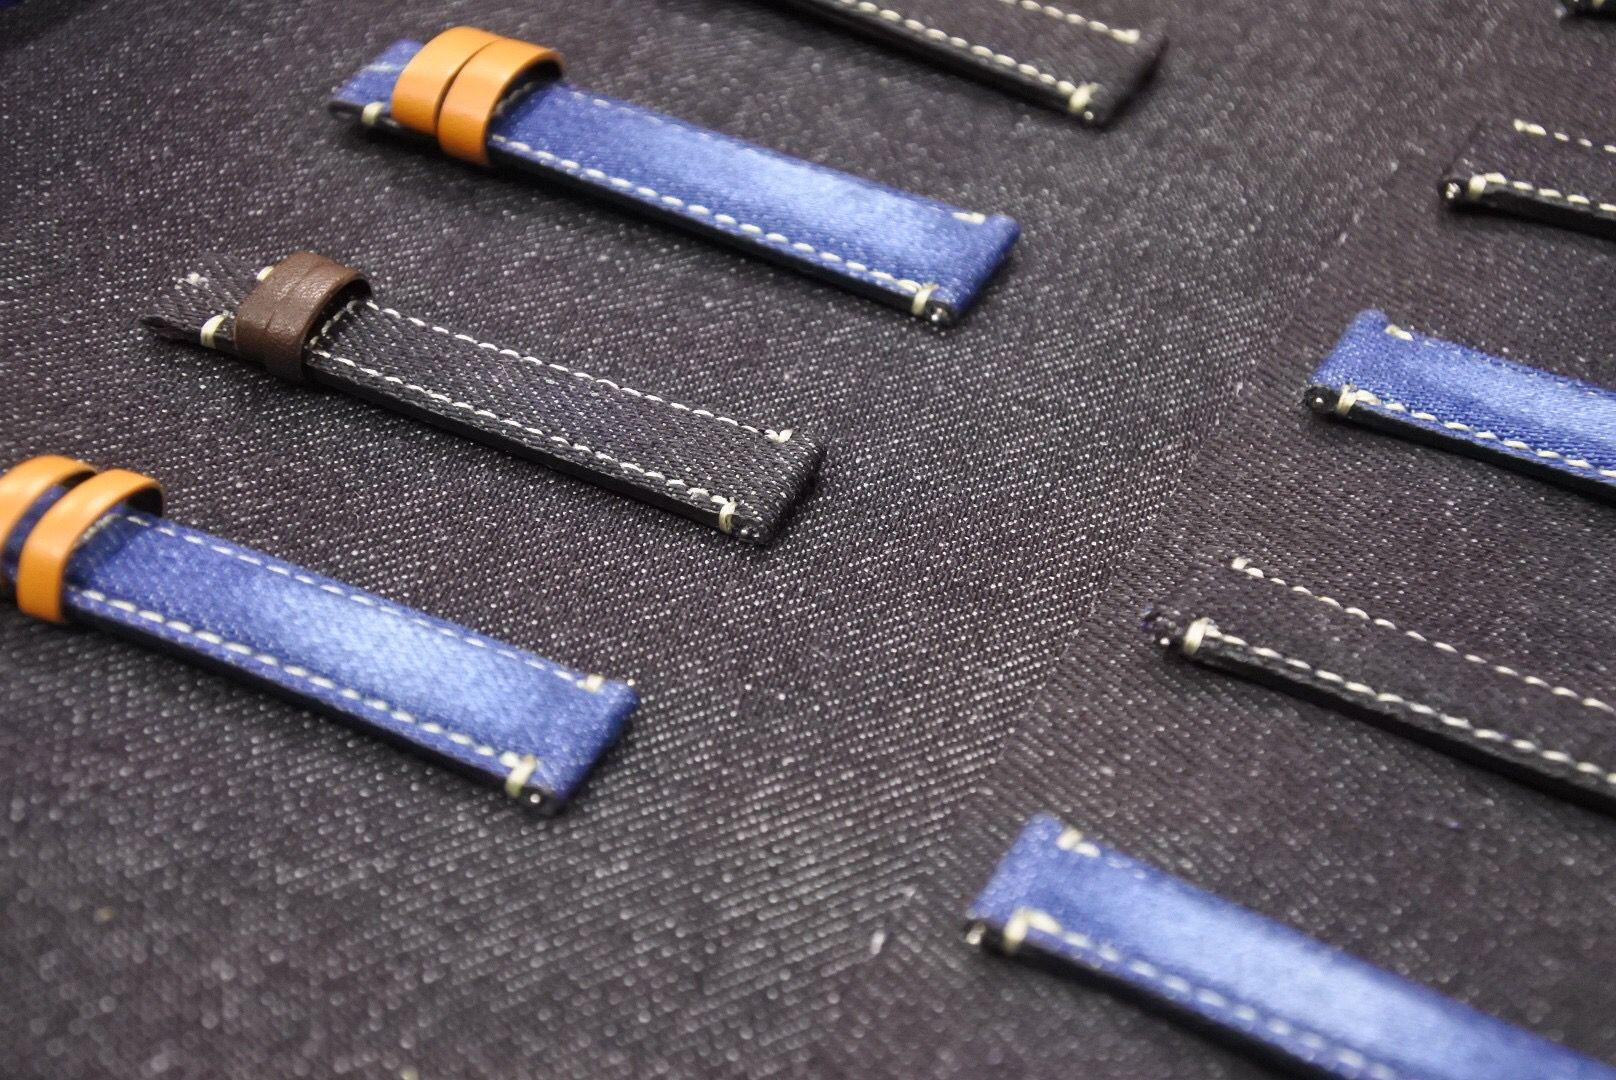 「カスタム腕時計マニア」に岡山デニムを使用した新作が掲載